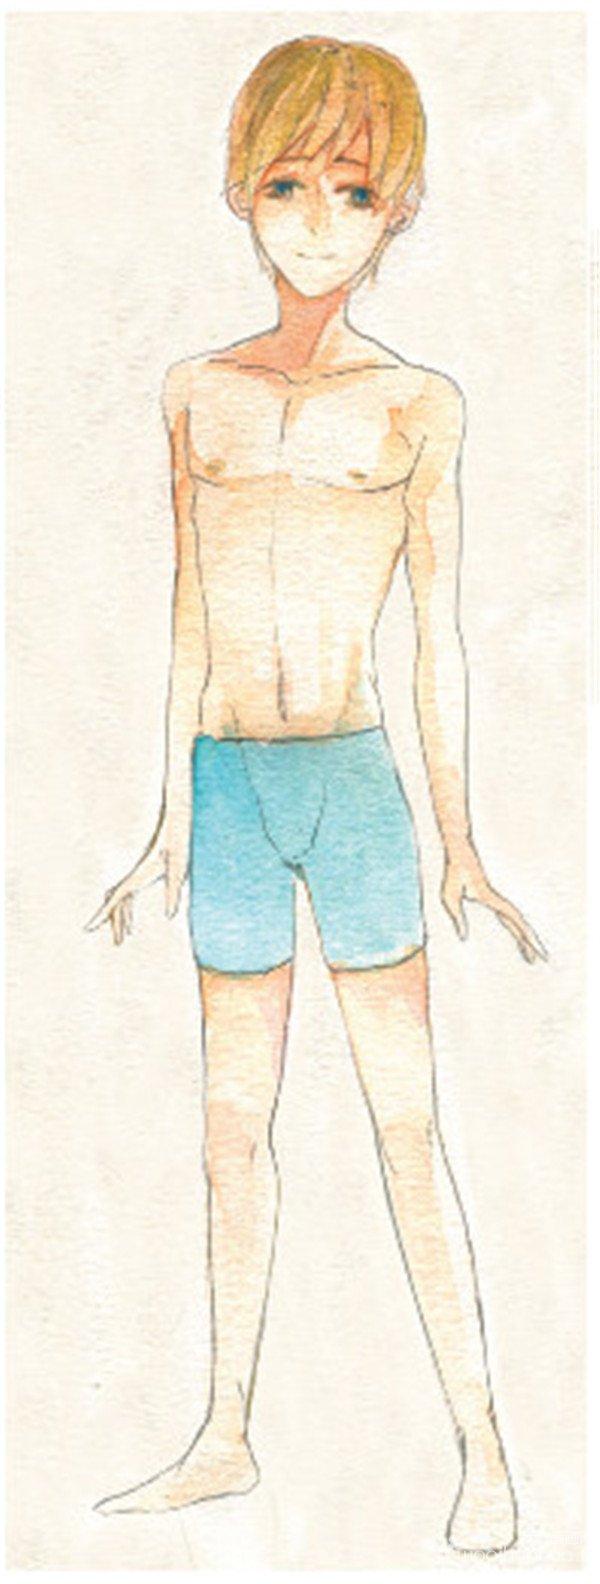 > 水彩画绘制男性皮肤的肌肉感(4)      4,用橙黄色画出头发的底色,用